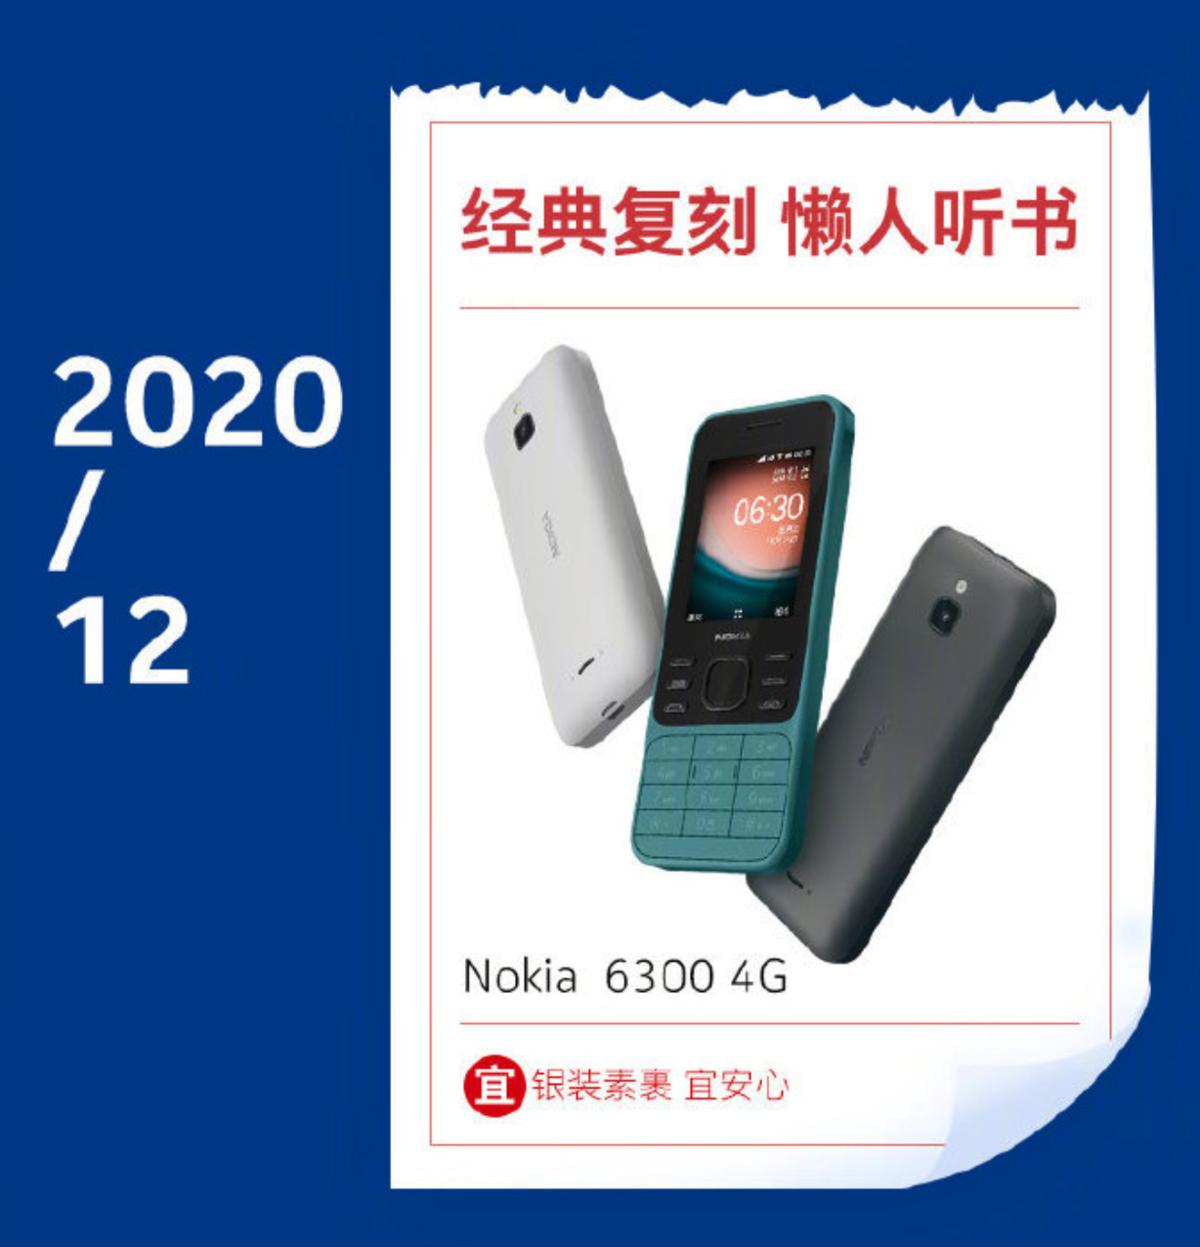 闷声发大财的诺基亚,就靠这种手机拿下销量第一 - 热点资讯 每日推荐 第3张